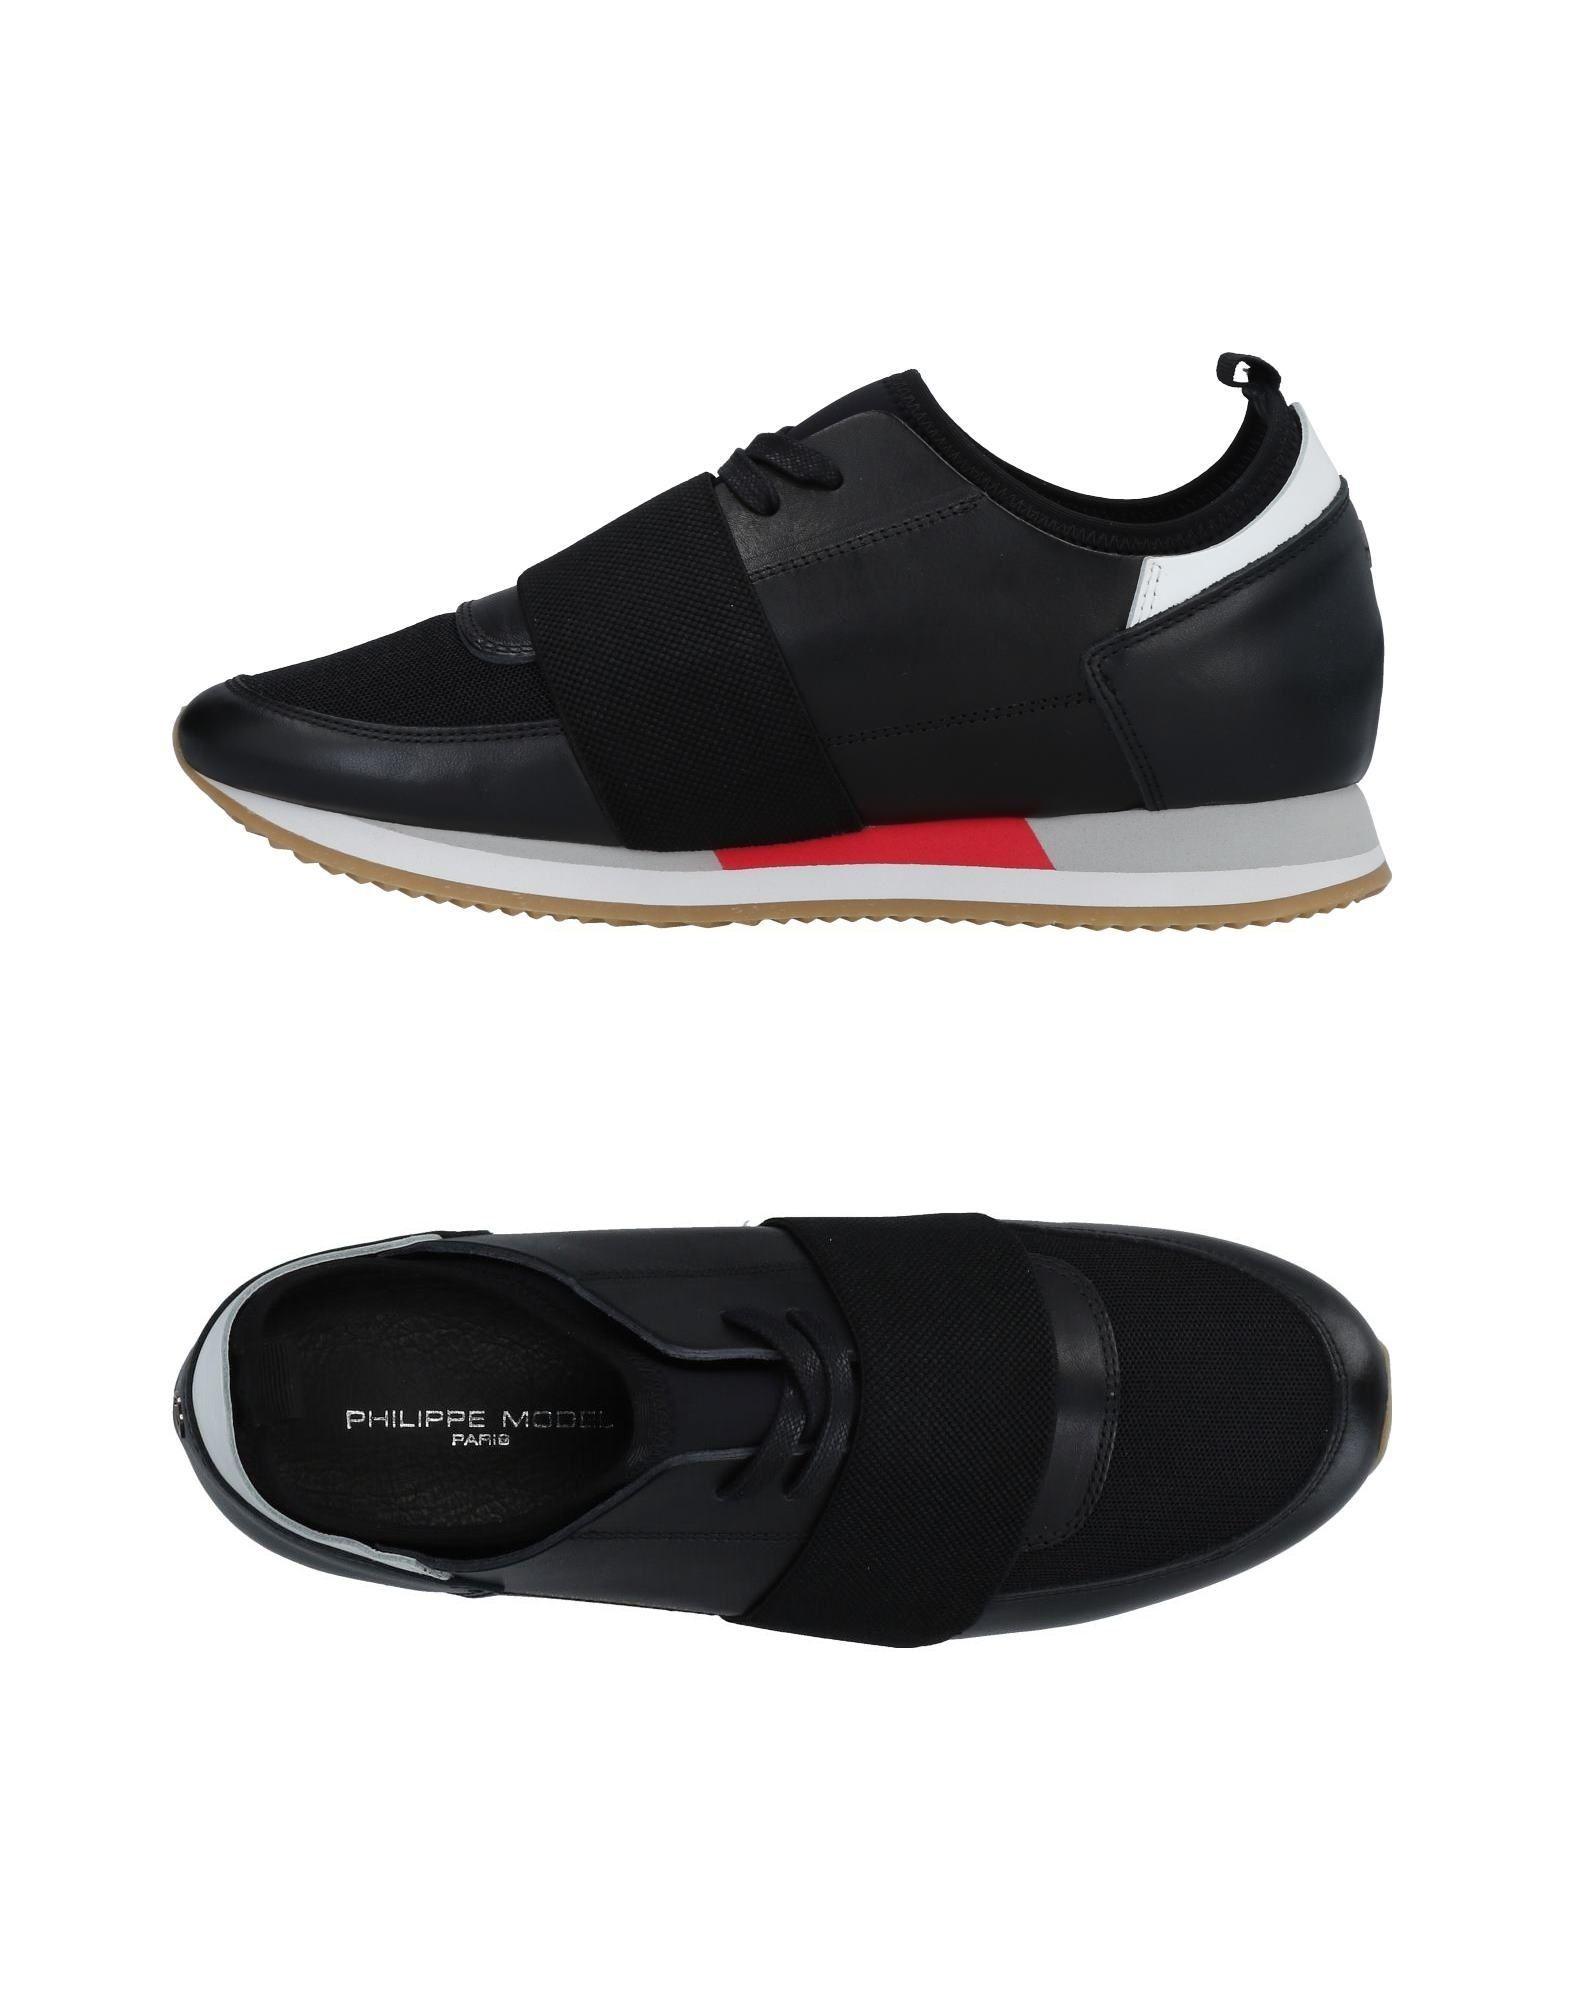 Philippe Model Sneakers Herren beliebte  11479835NI Gute Qualität beliebte Herren Schuhe 992117